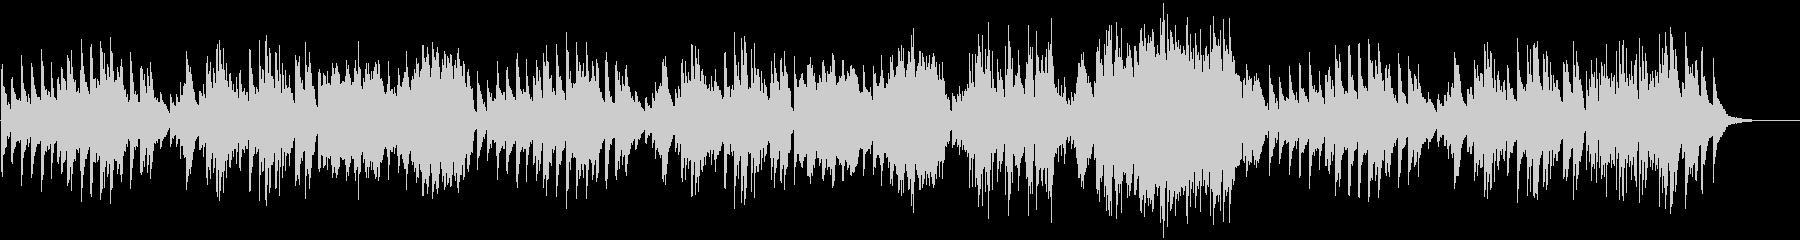 日常を思い描いたような温かいピアノソロの未再生の波形